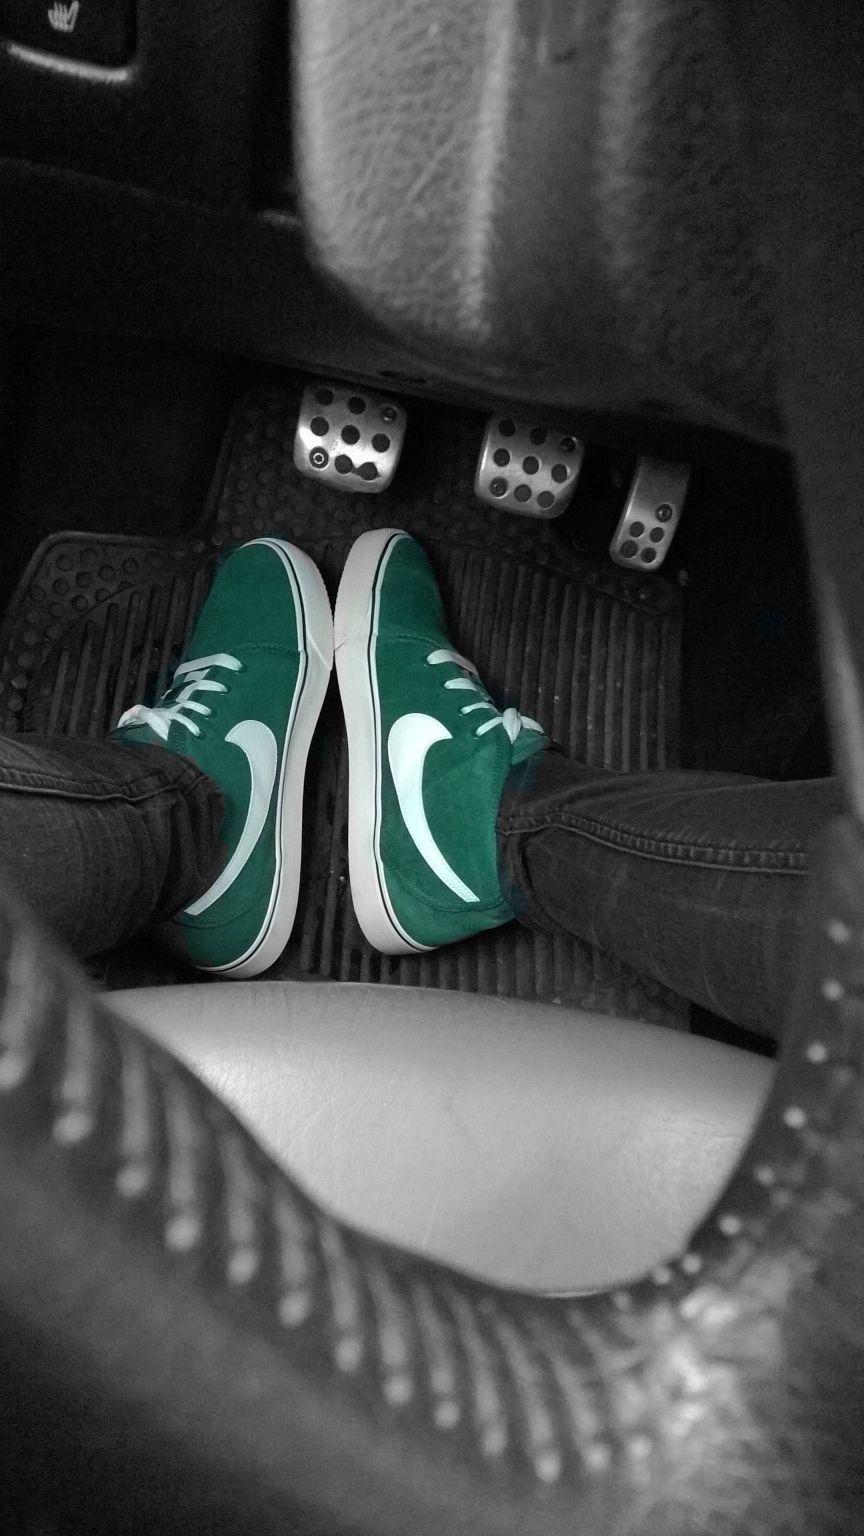 Nikeeee grün